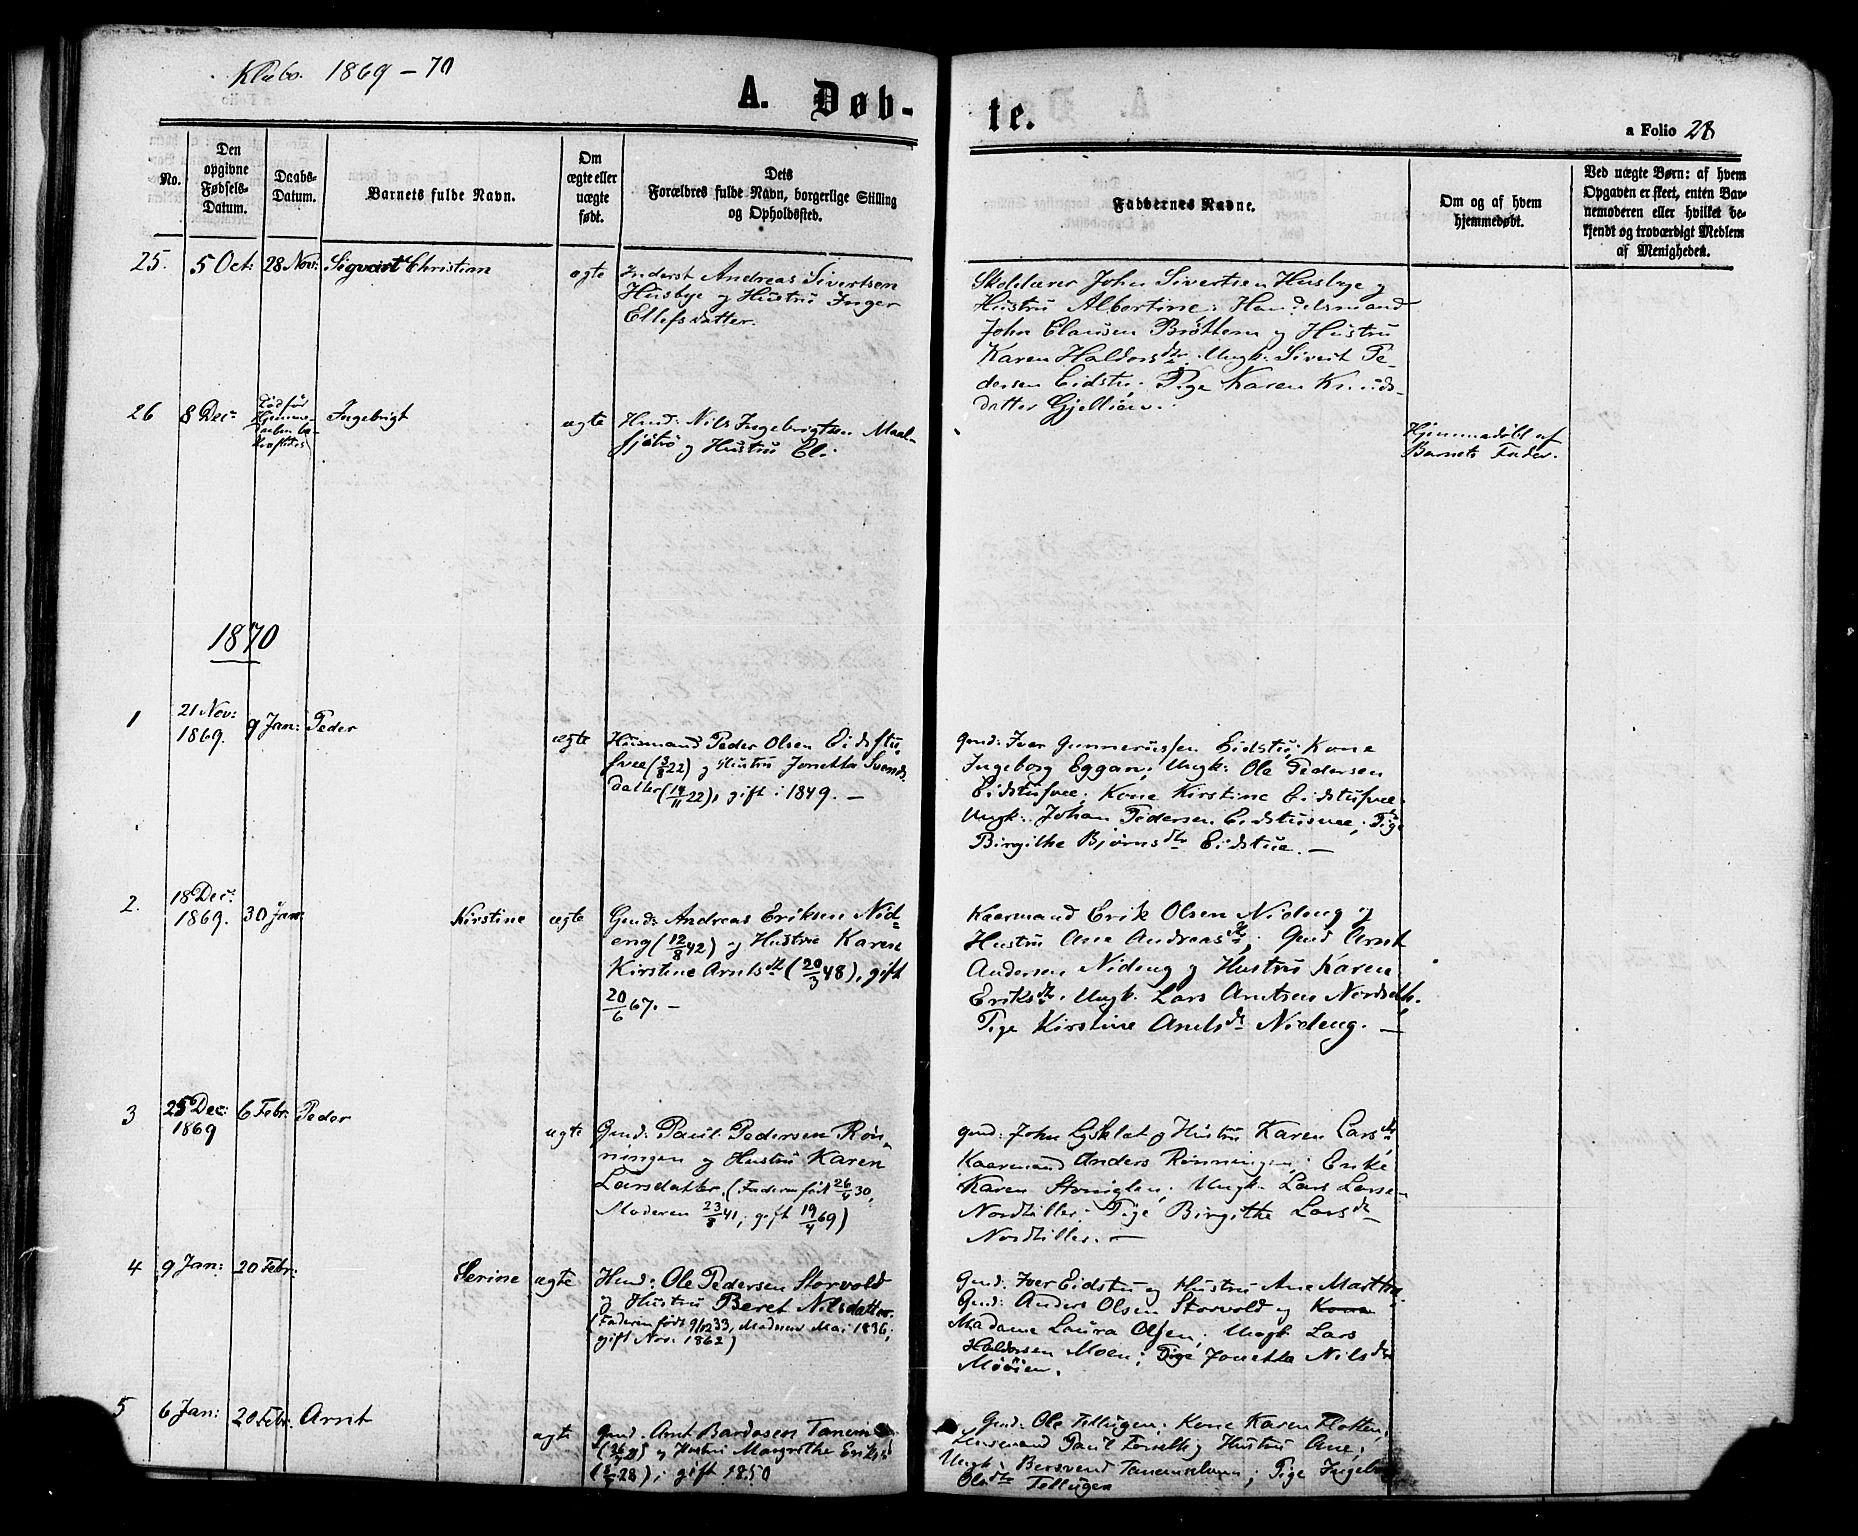 SAT, Ministerialprotokoller, klokkerbøker og fødselsregistre - Sør-Trøndelag, 618/L0442: Ministerialbok nr. 618A06 /1, 1863-1879, s. 28